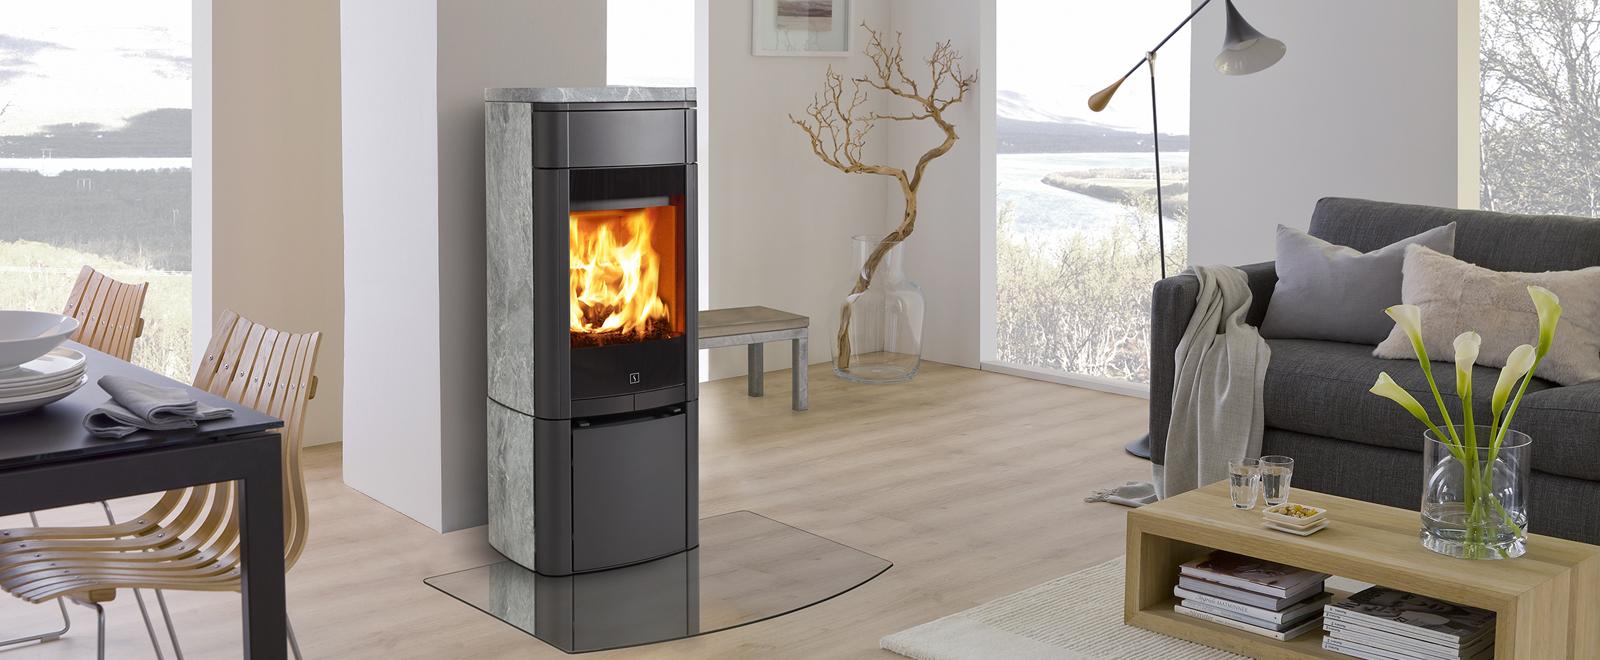 Scan 65-3 peisovn med kleberstein er et vakkert møbel i rommet. Kleberstein gir lun og behagelig varme.